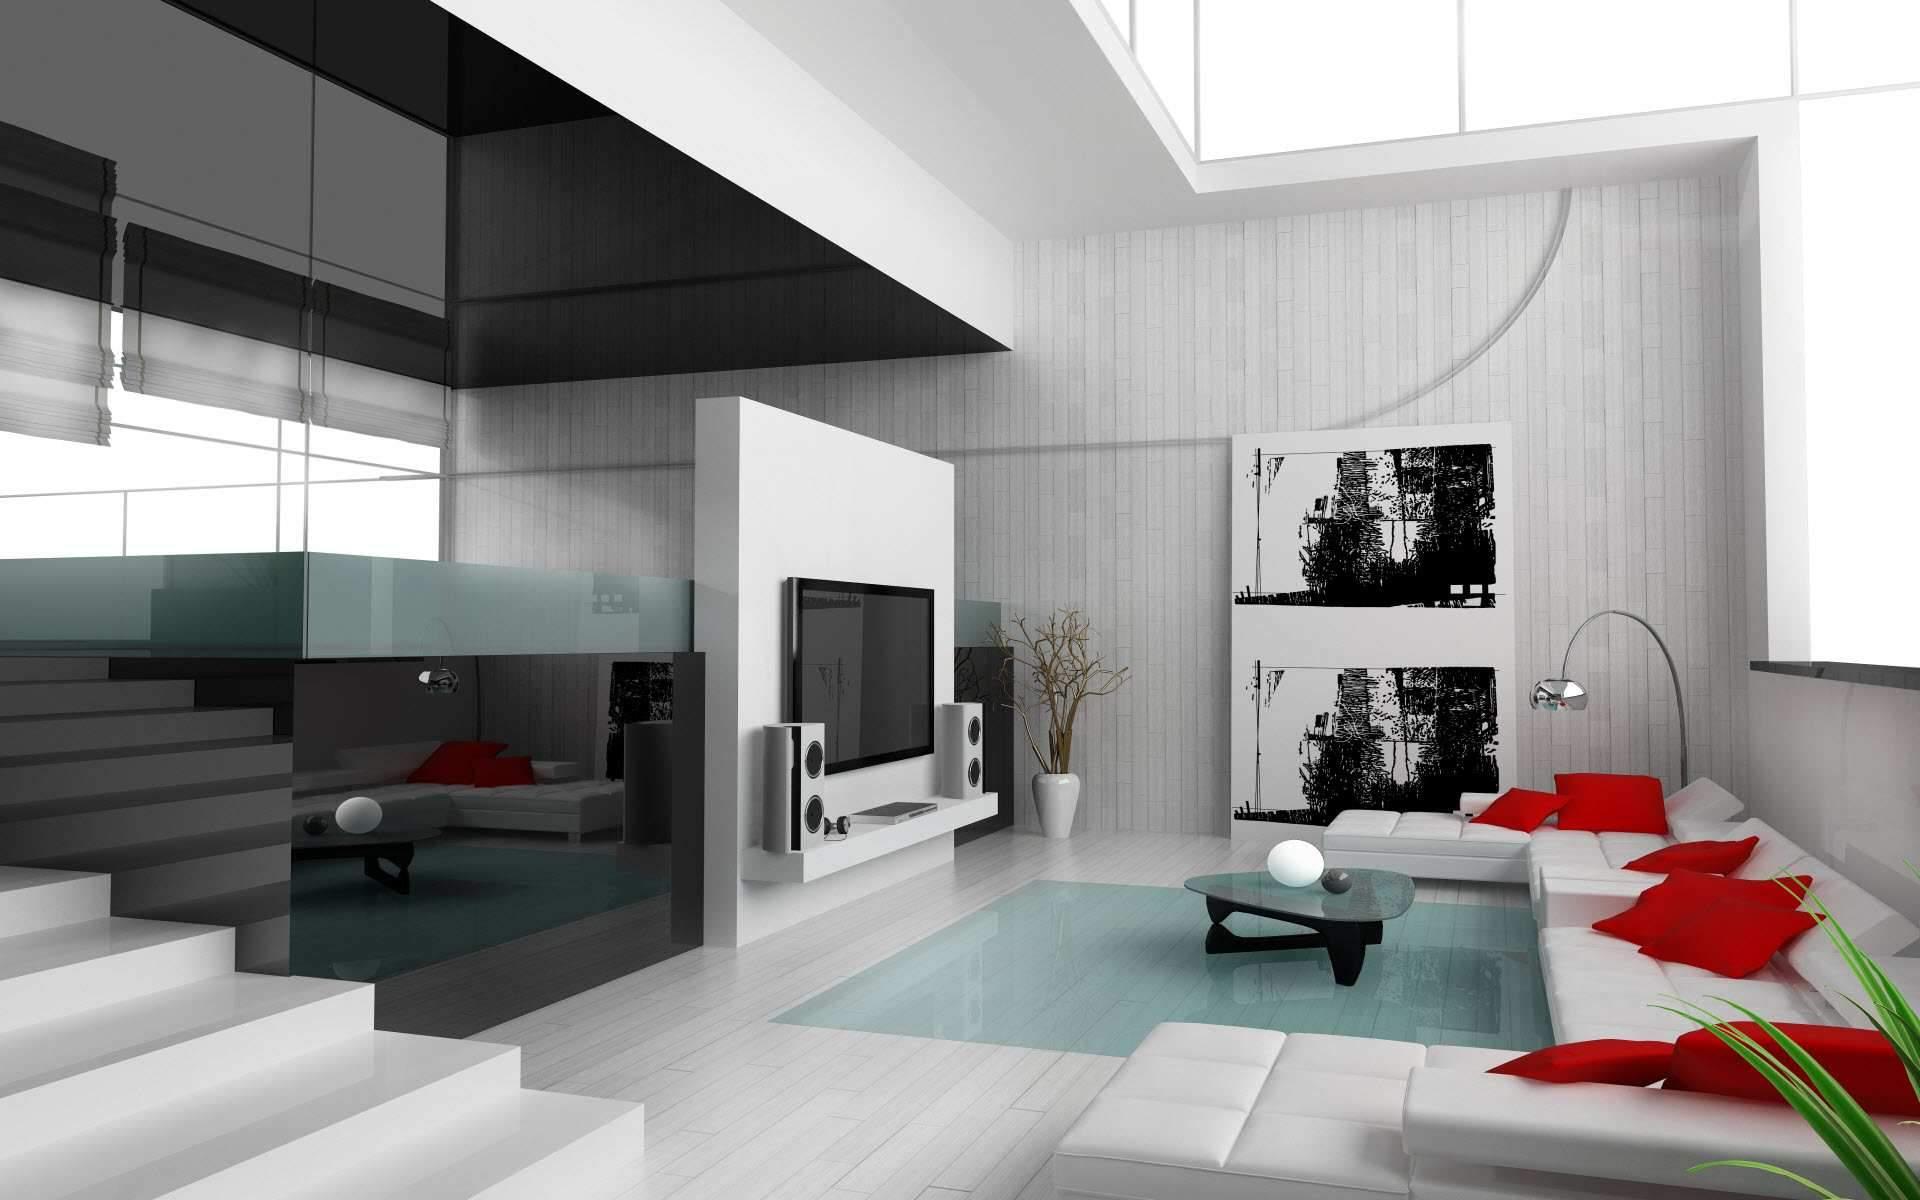 Wohnzimmer Einrichtungsideen - fresHouse